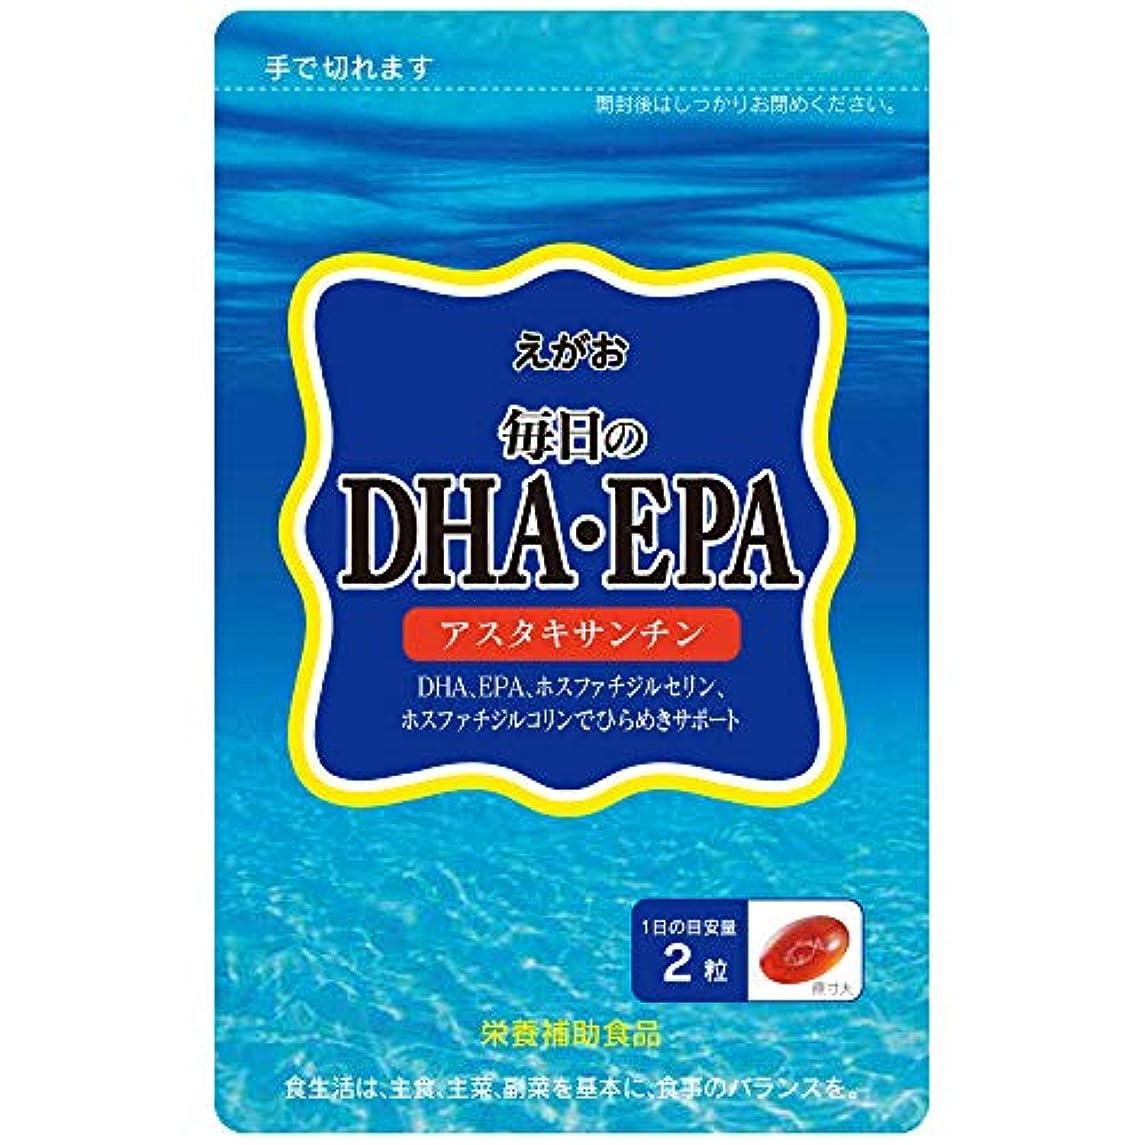 おばあさん何田舎者えがお 毎日の DHA ? EPA 【1袋】(1袋/62粒入り 約1ヵ月分) 栄養補助食品